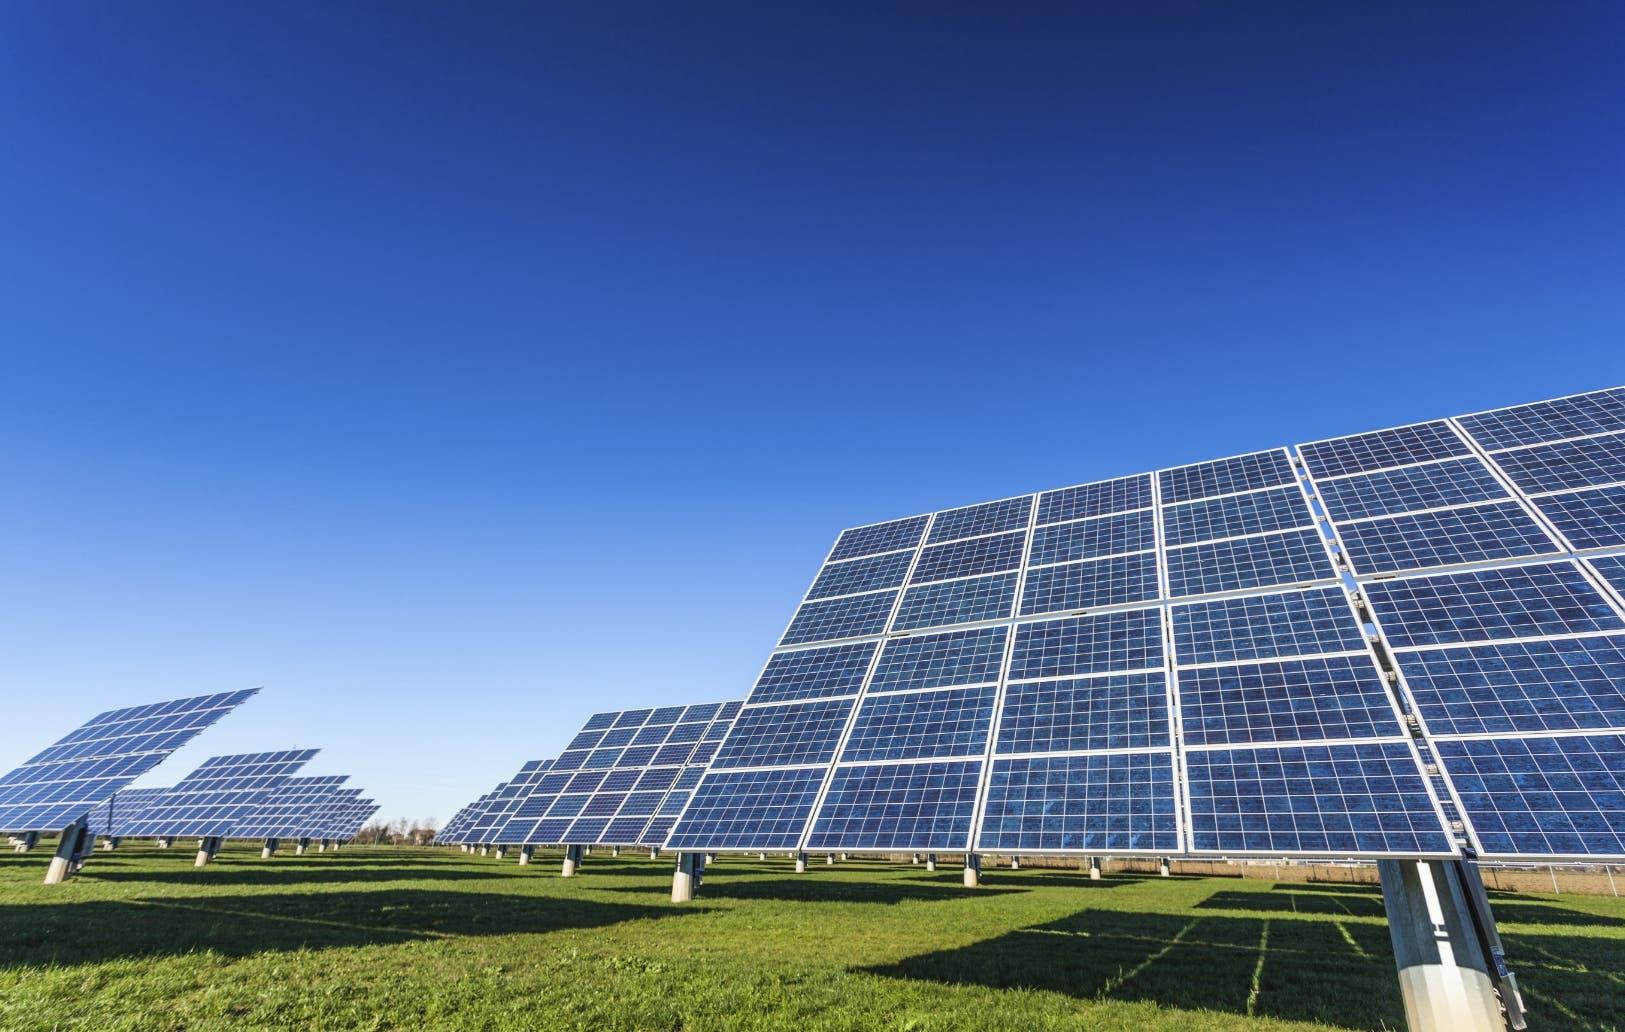 La CNE   ha otorgado RD$5,951 millones en incentivos fiscales para  desarrollo de energías limpias desde   2008 a junio de 2017.